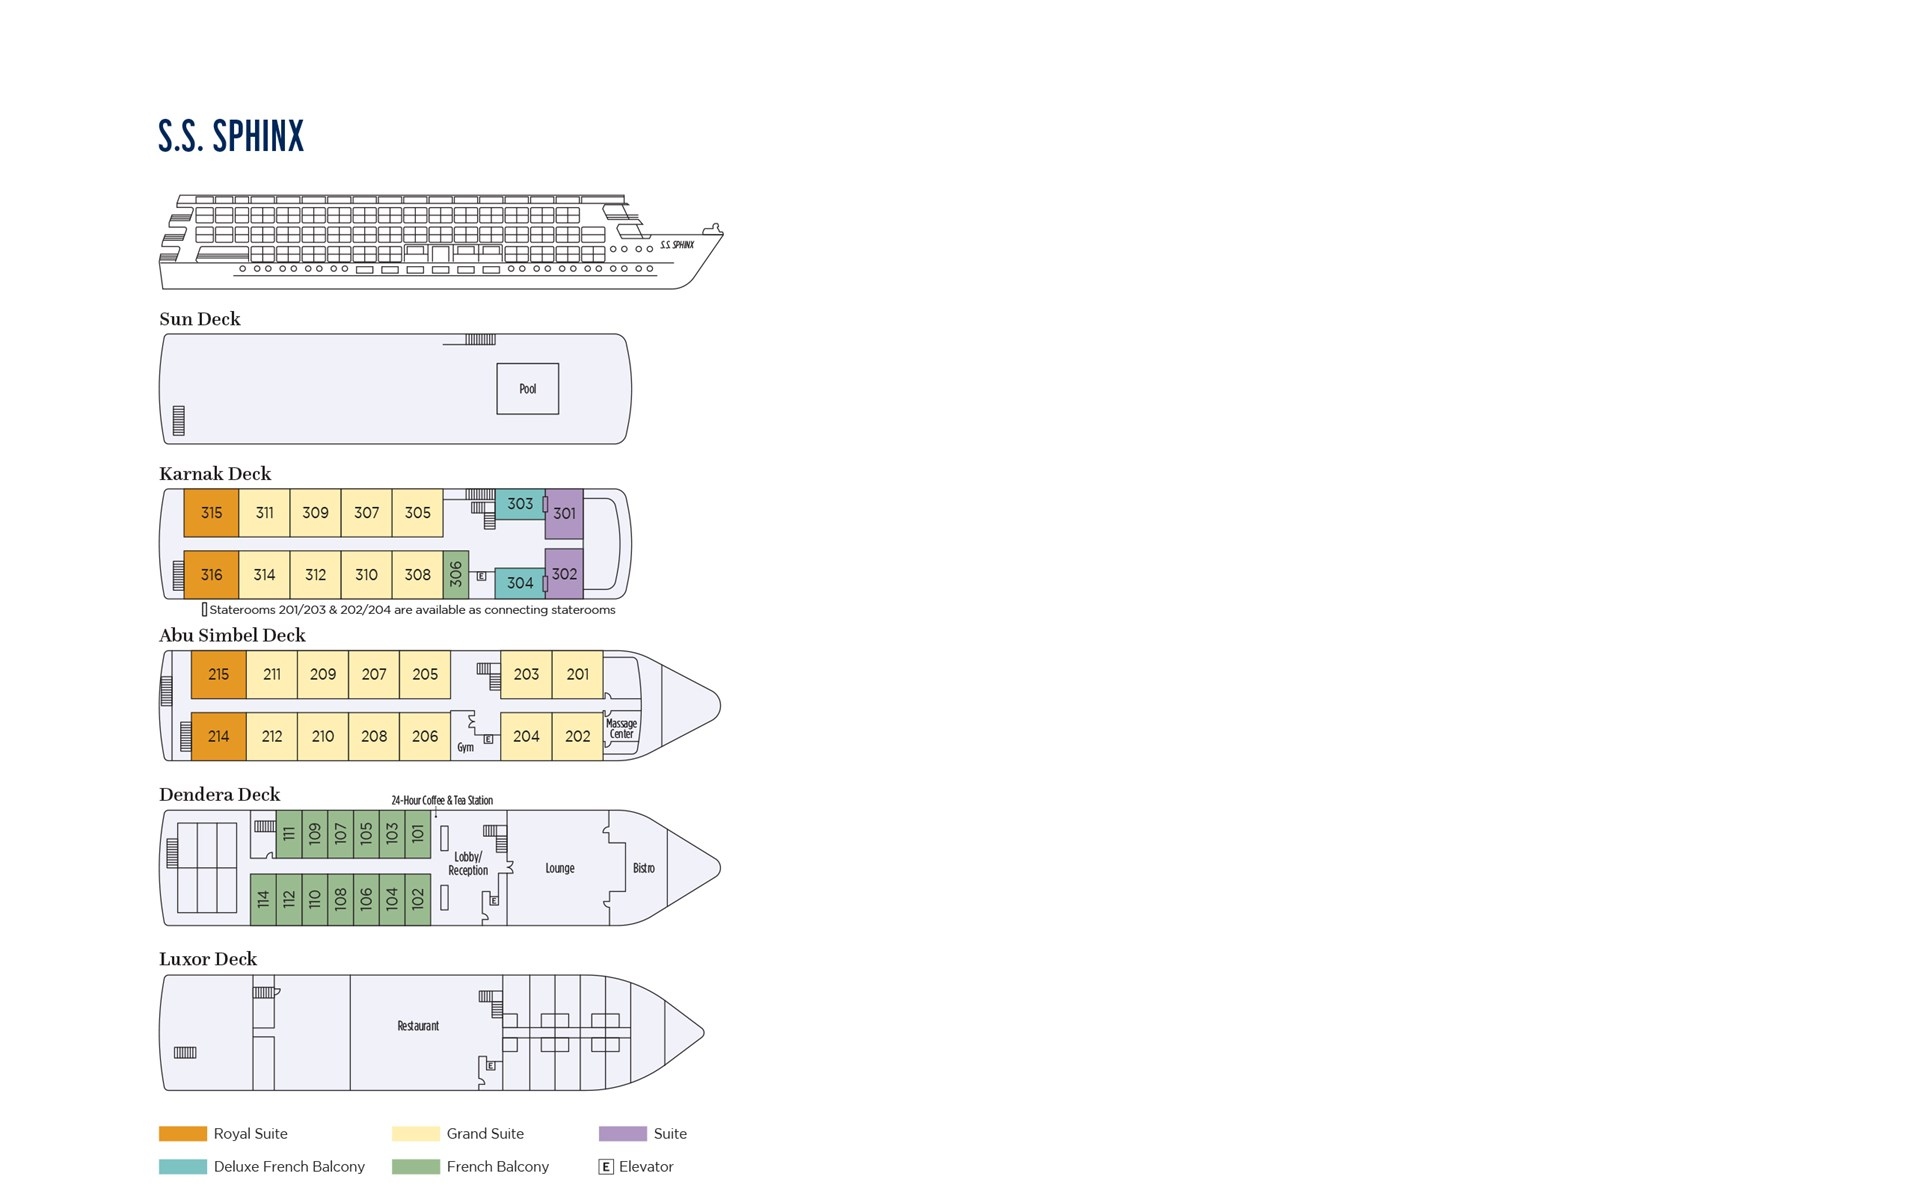 S.S. Sphinx Deck Plan